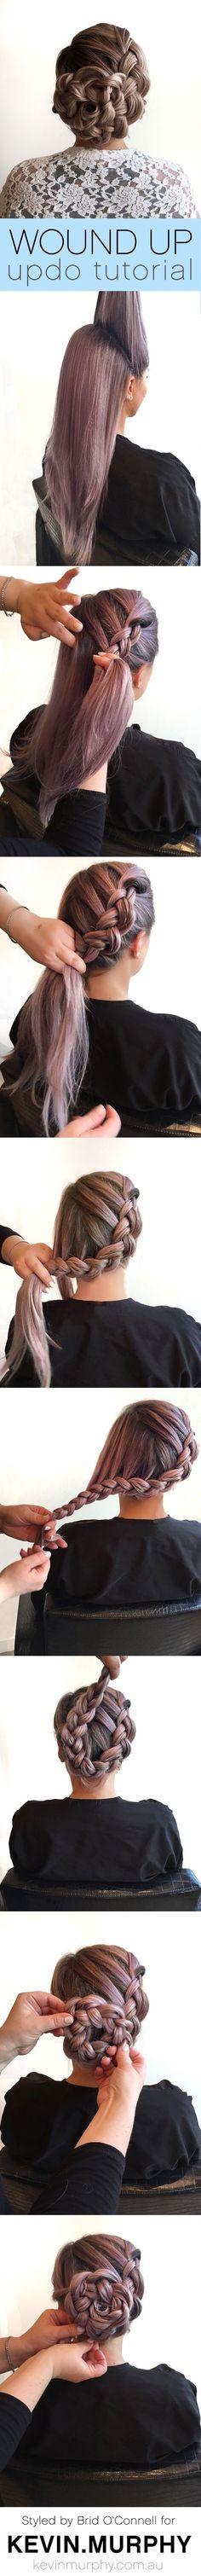 14 intrépidos y únicos de Peinado tutoriales que usted puede hacer en el hogar | Postris